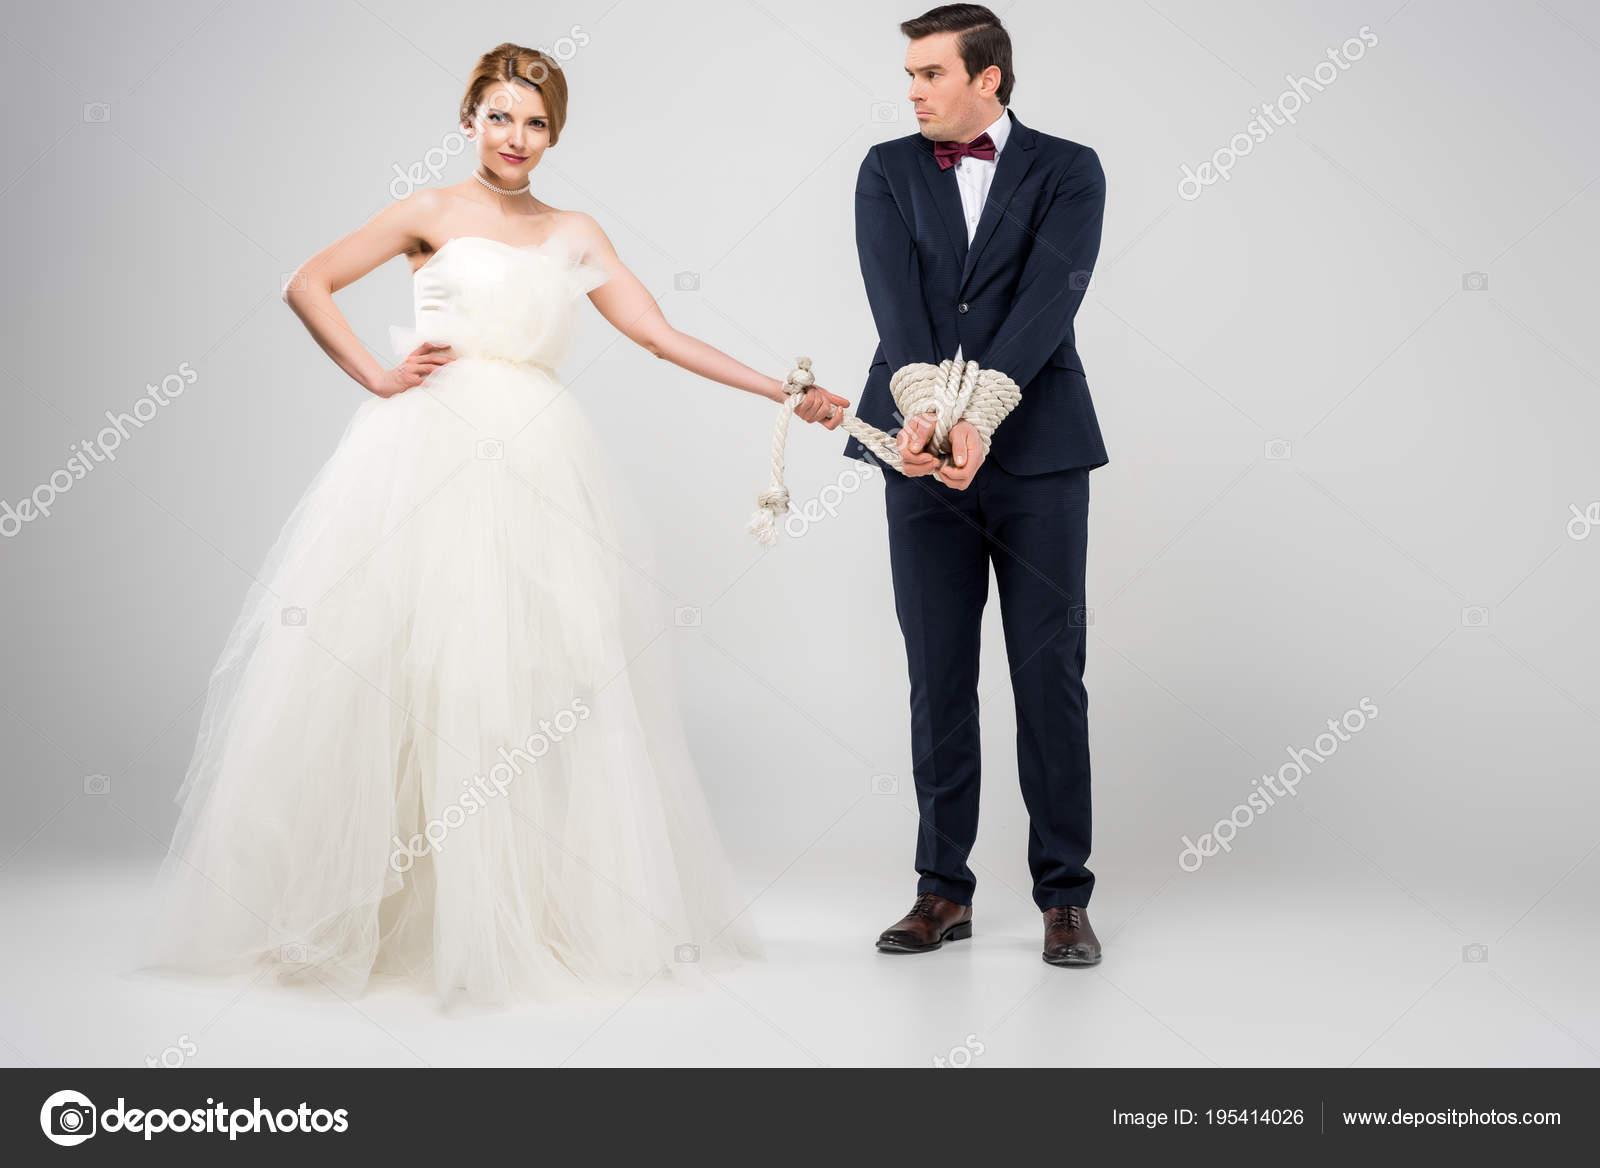 Imagenes de vestidos de novia y novio